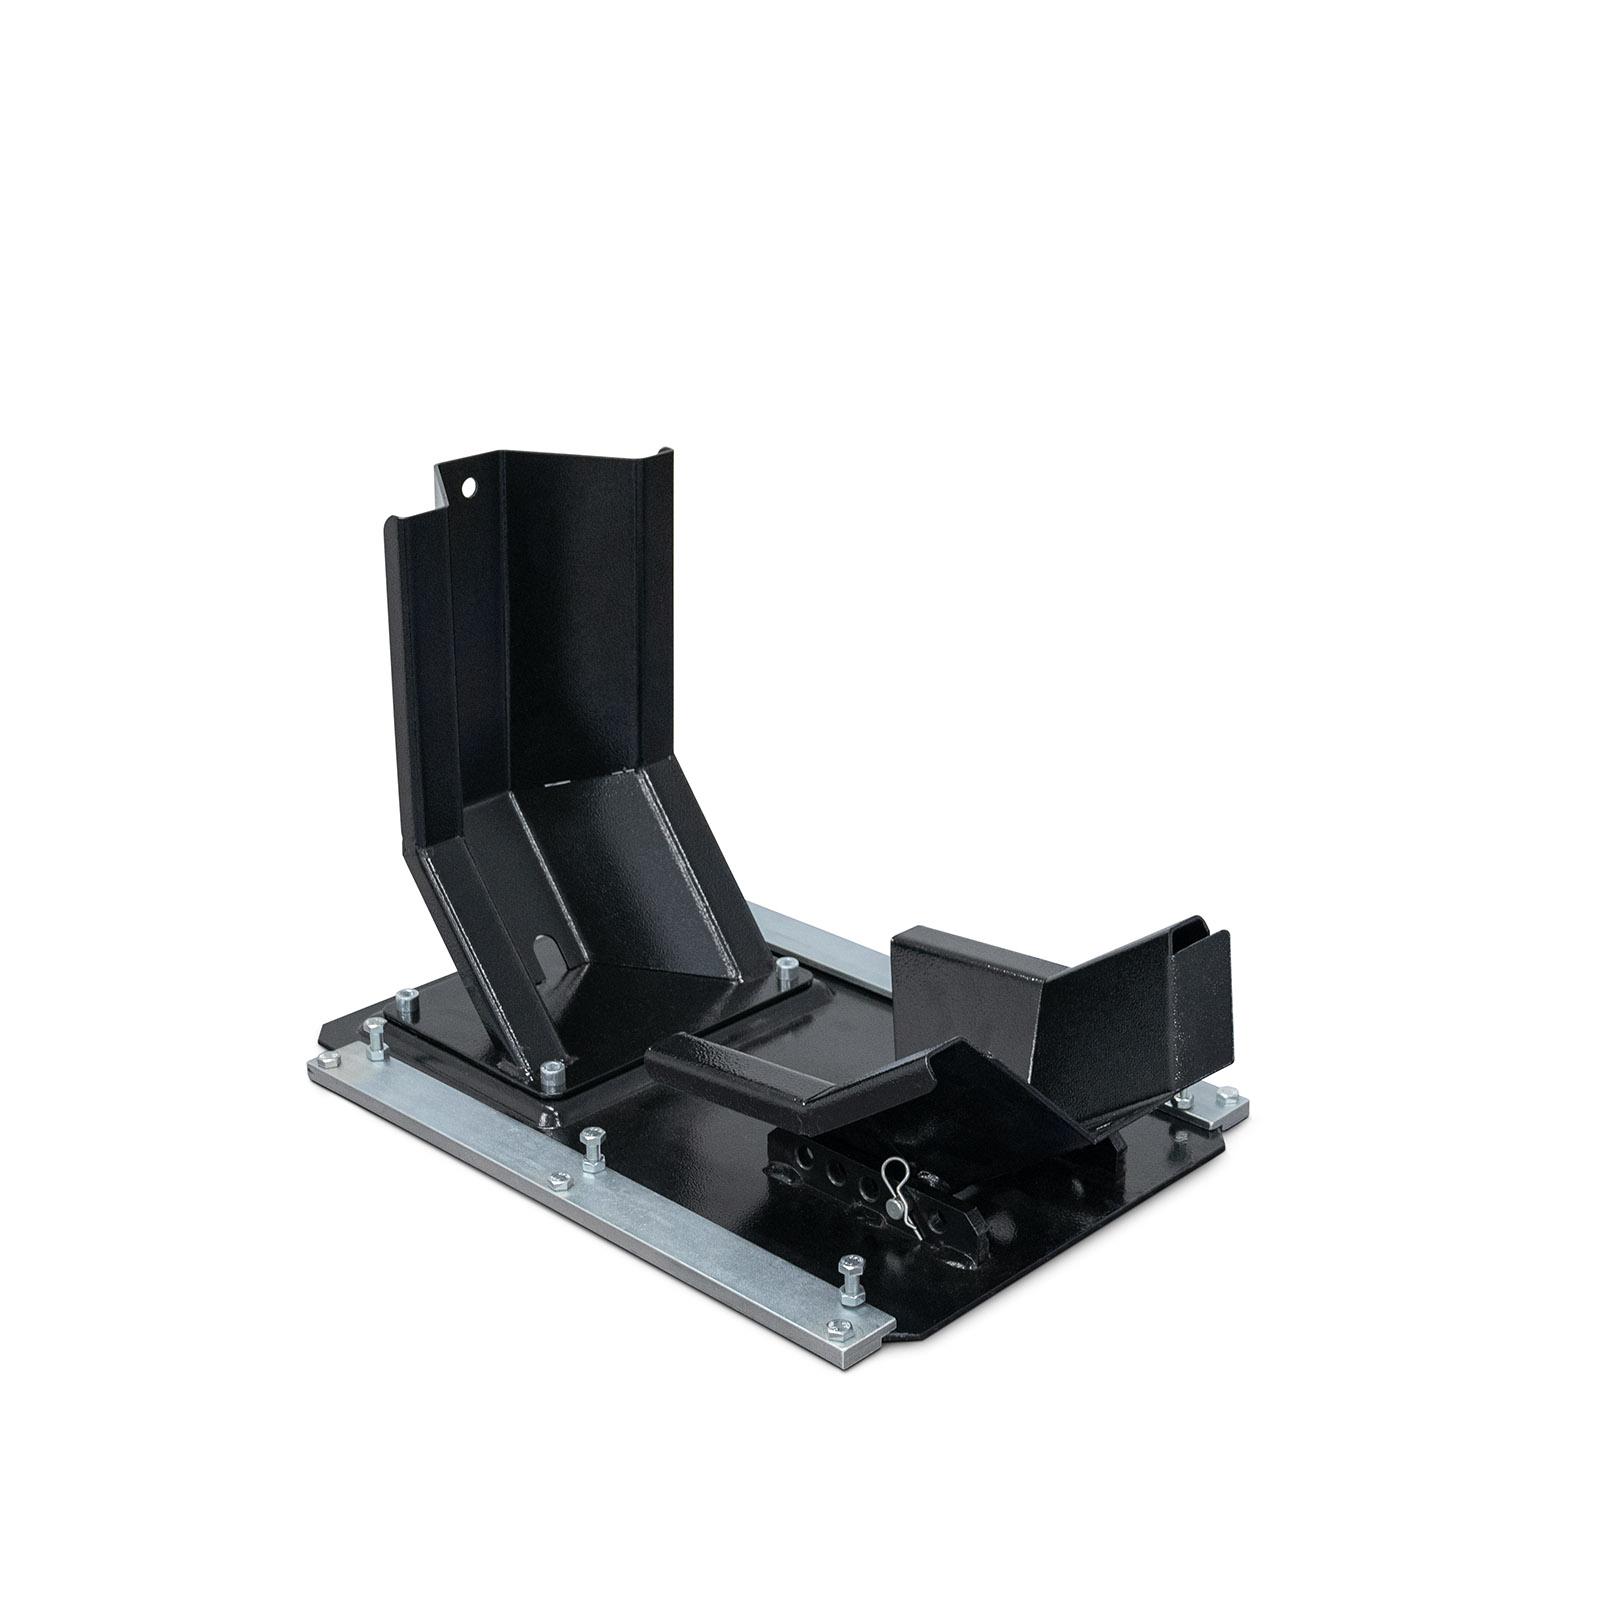 Radhalter für MC-1000 Art.Nr. 130155